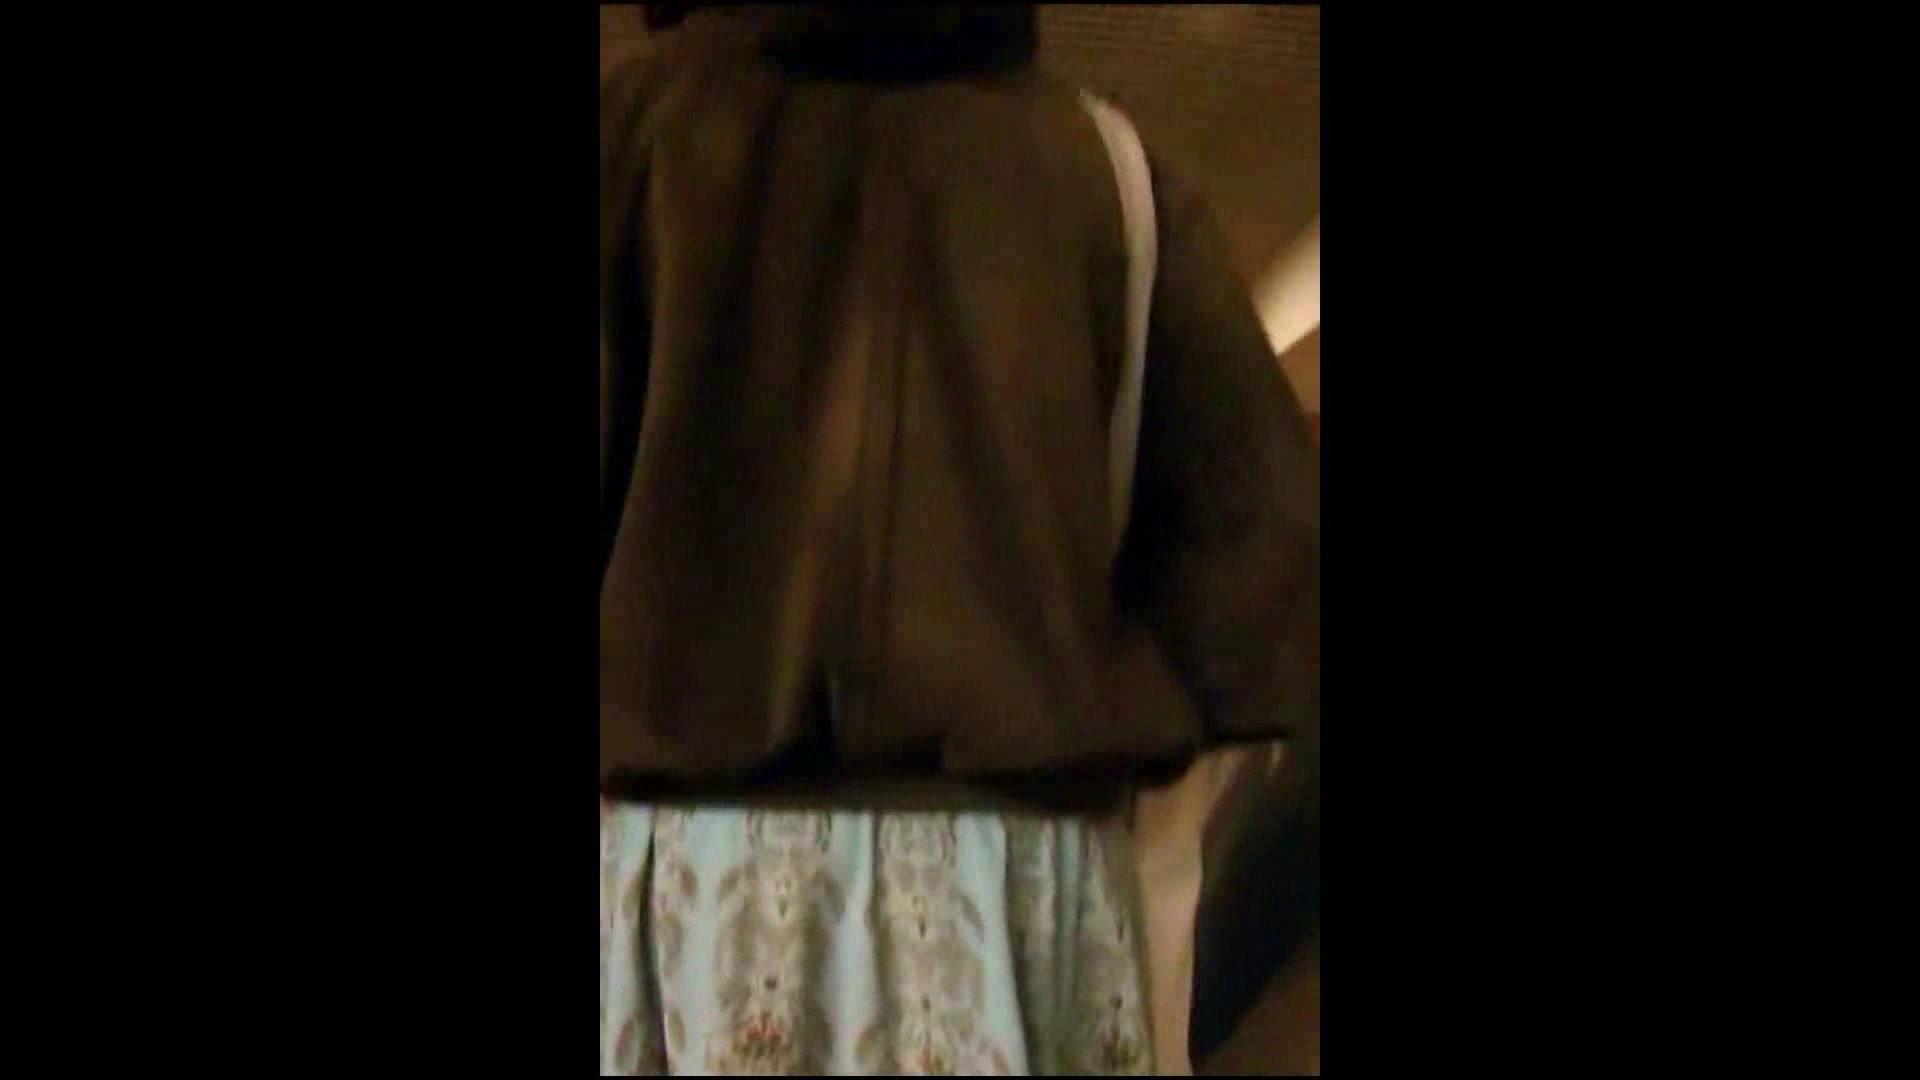 綺麗なモデルさんのスカート捲っちゃおう‼vol05 お姉さんのエロ動画  102PIX 54